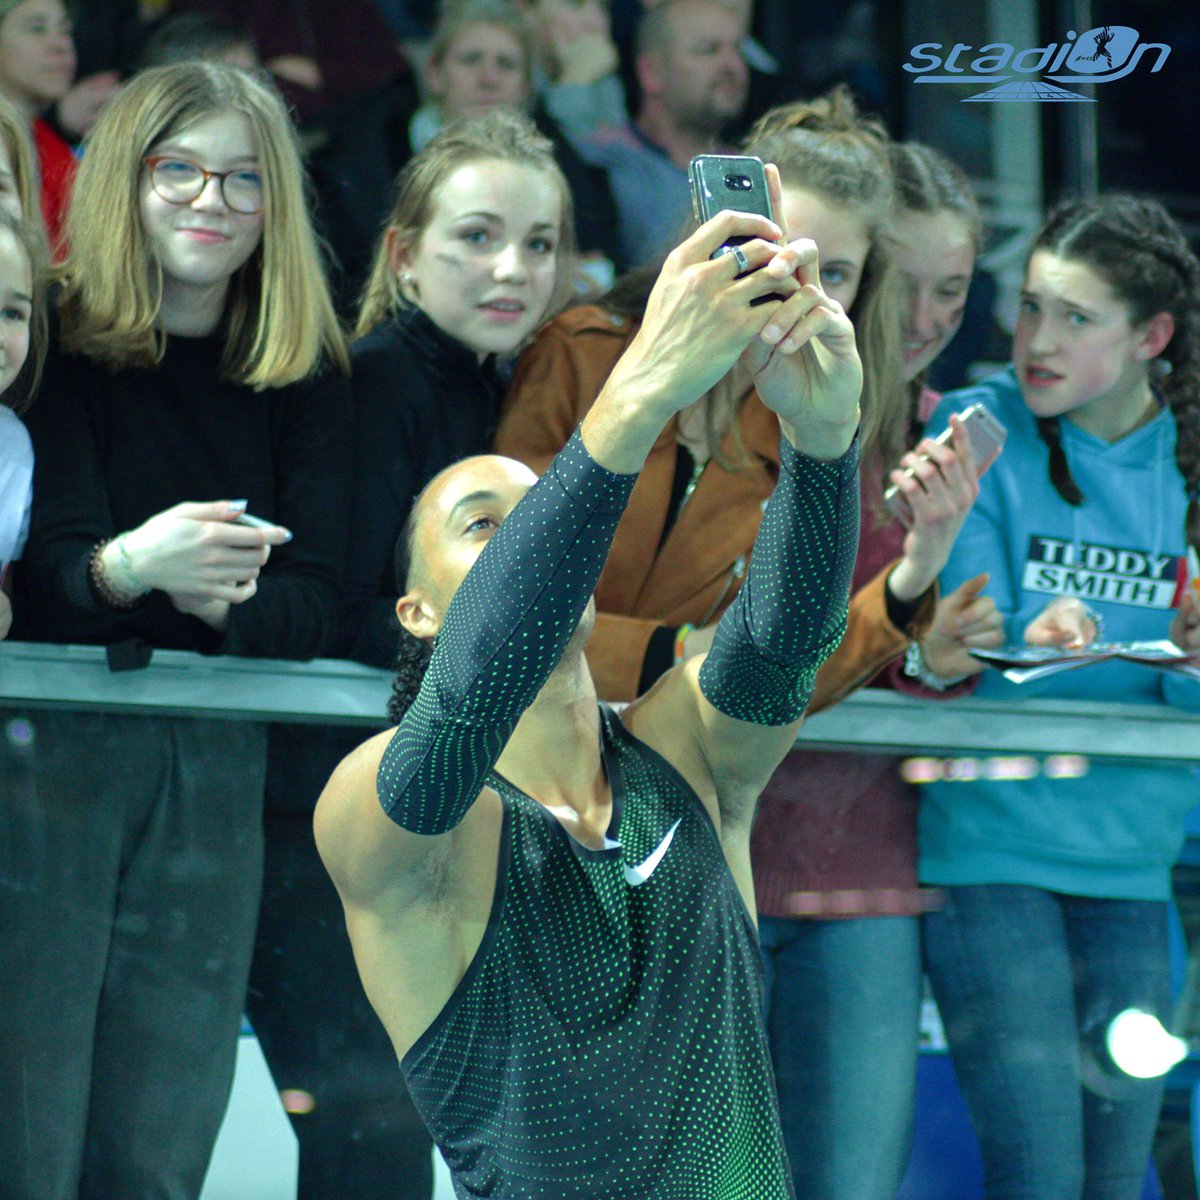 📸 @PascalMartinot en mode selfie avec son public ! #athlétisme